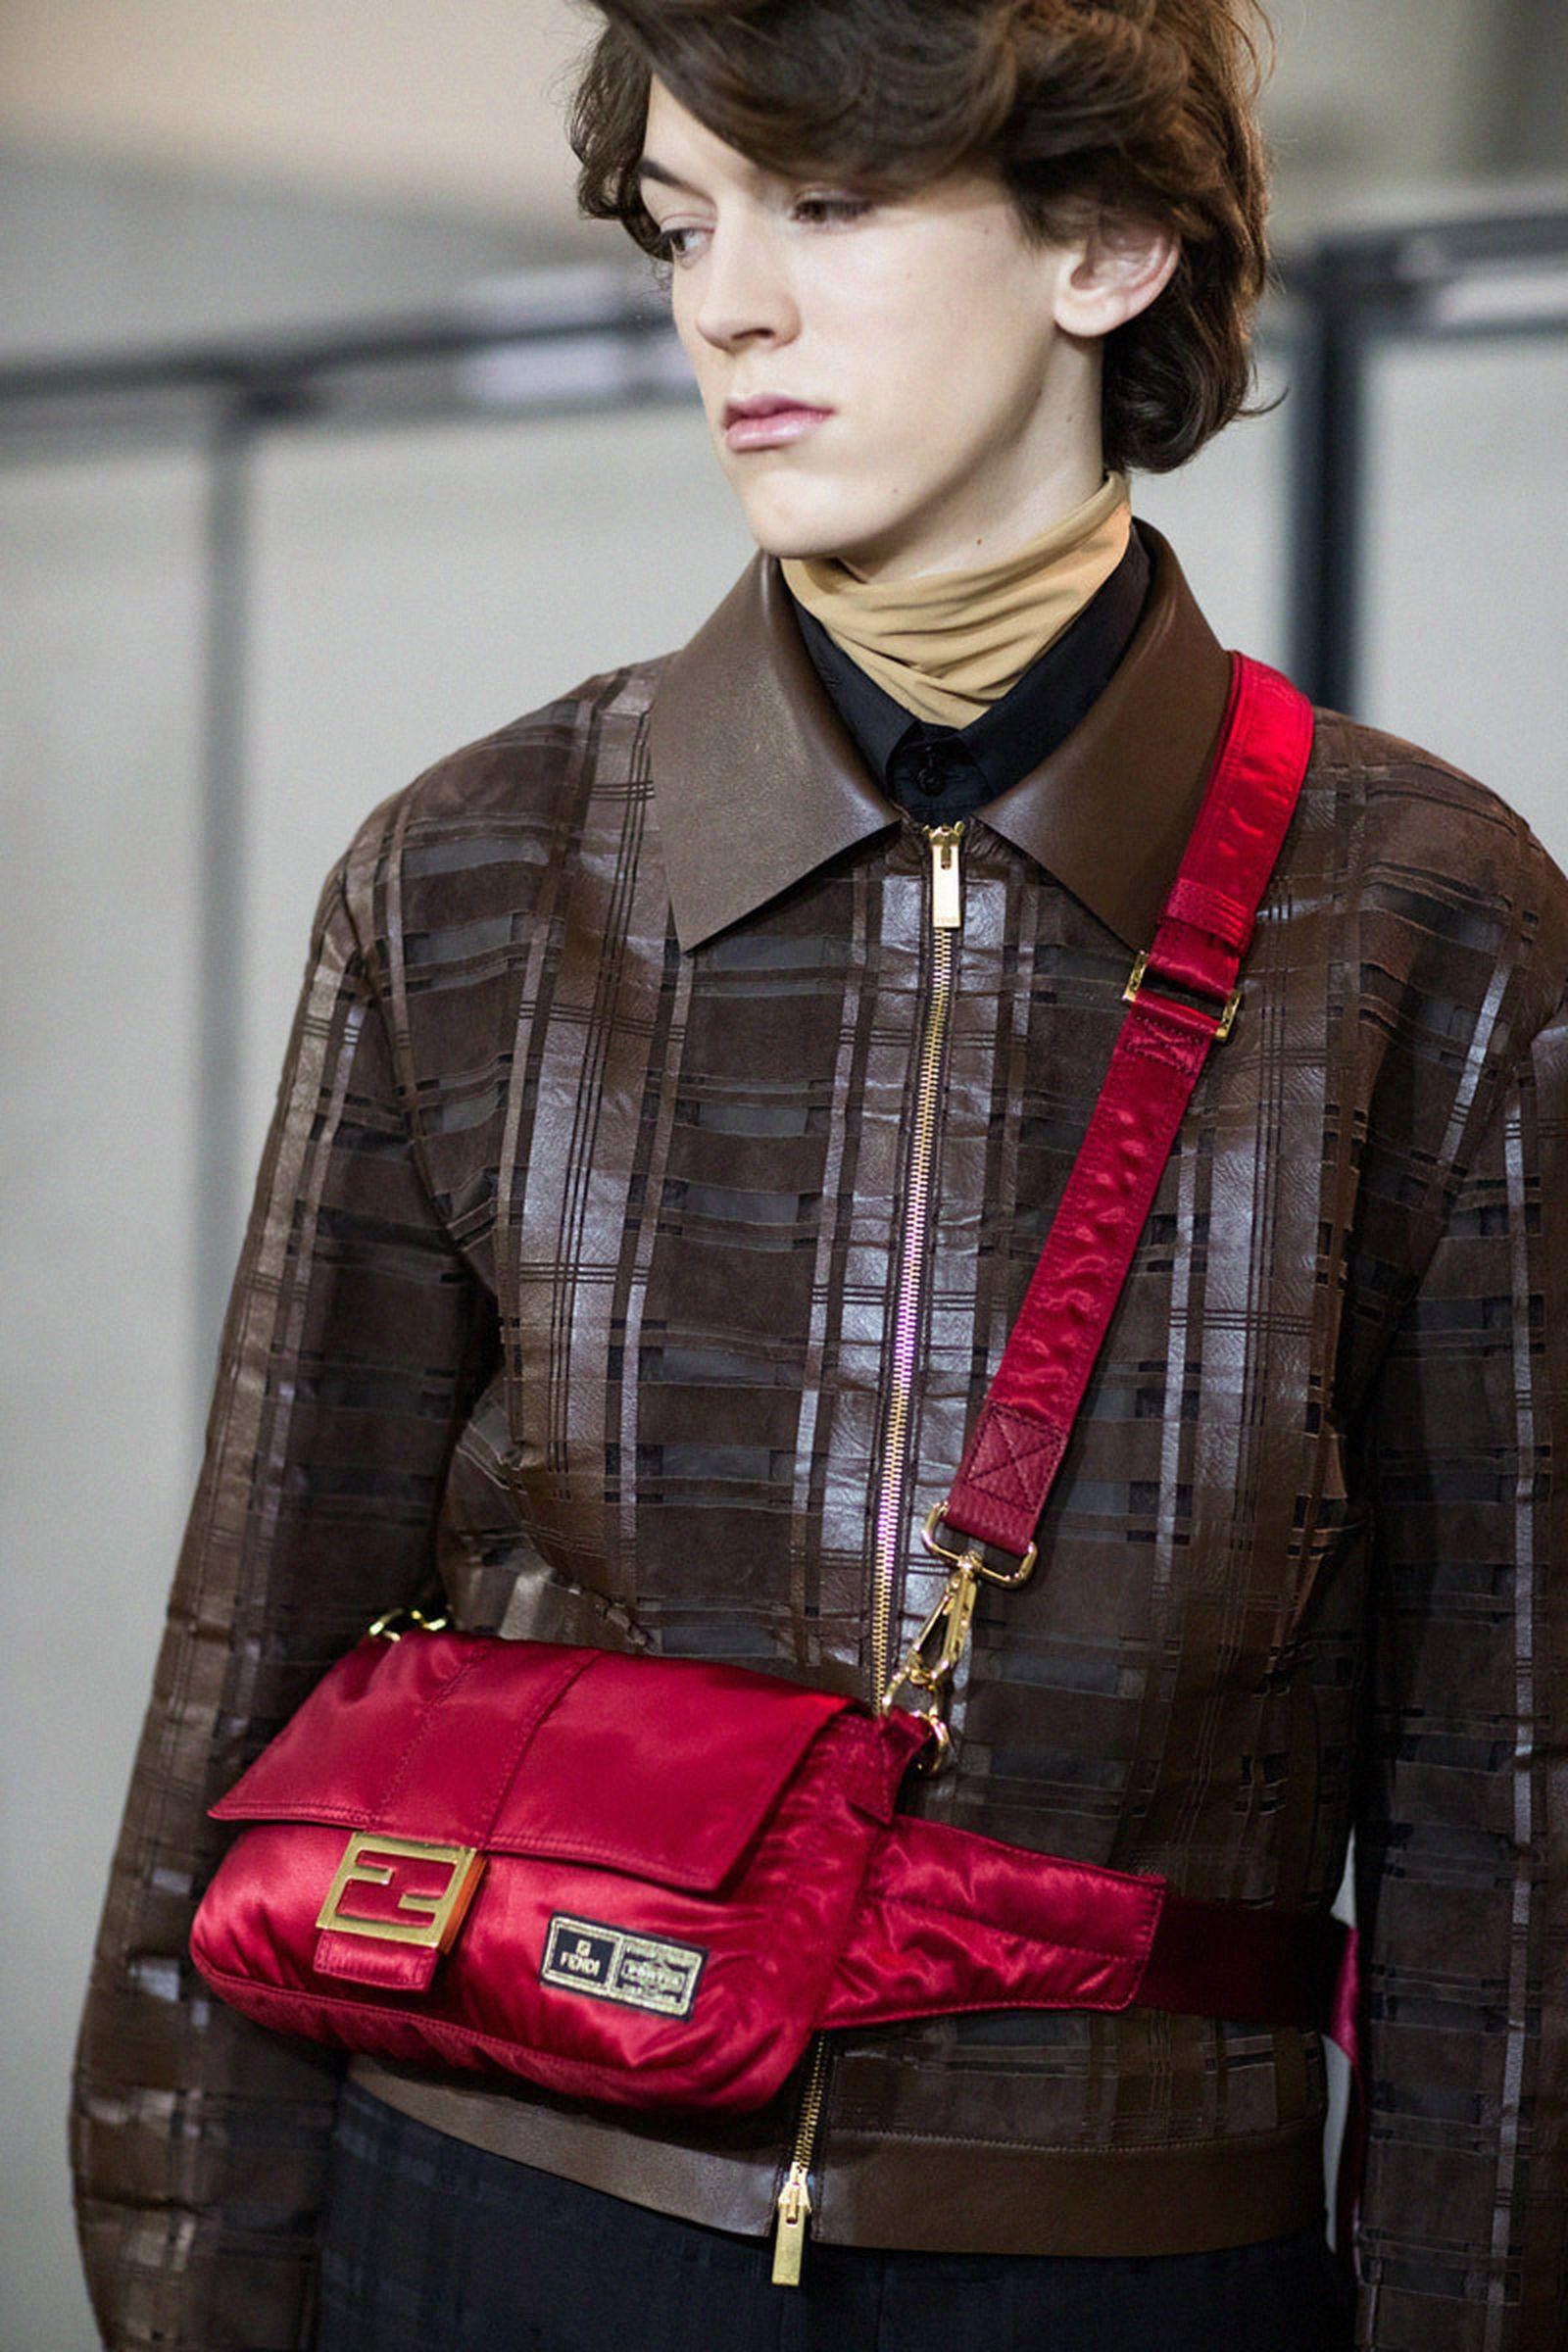 luxury streetwear brands MFW19 Milan Fendi EvaAlDesnudo 02 800x1200 Heron Preston Jerry Lorenzo Louis Vuitton